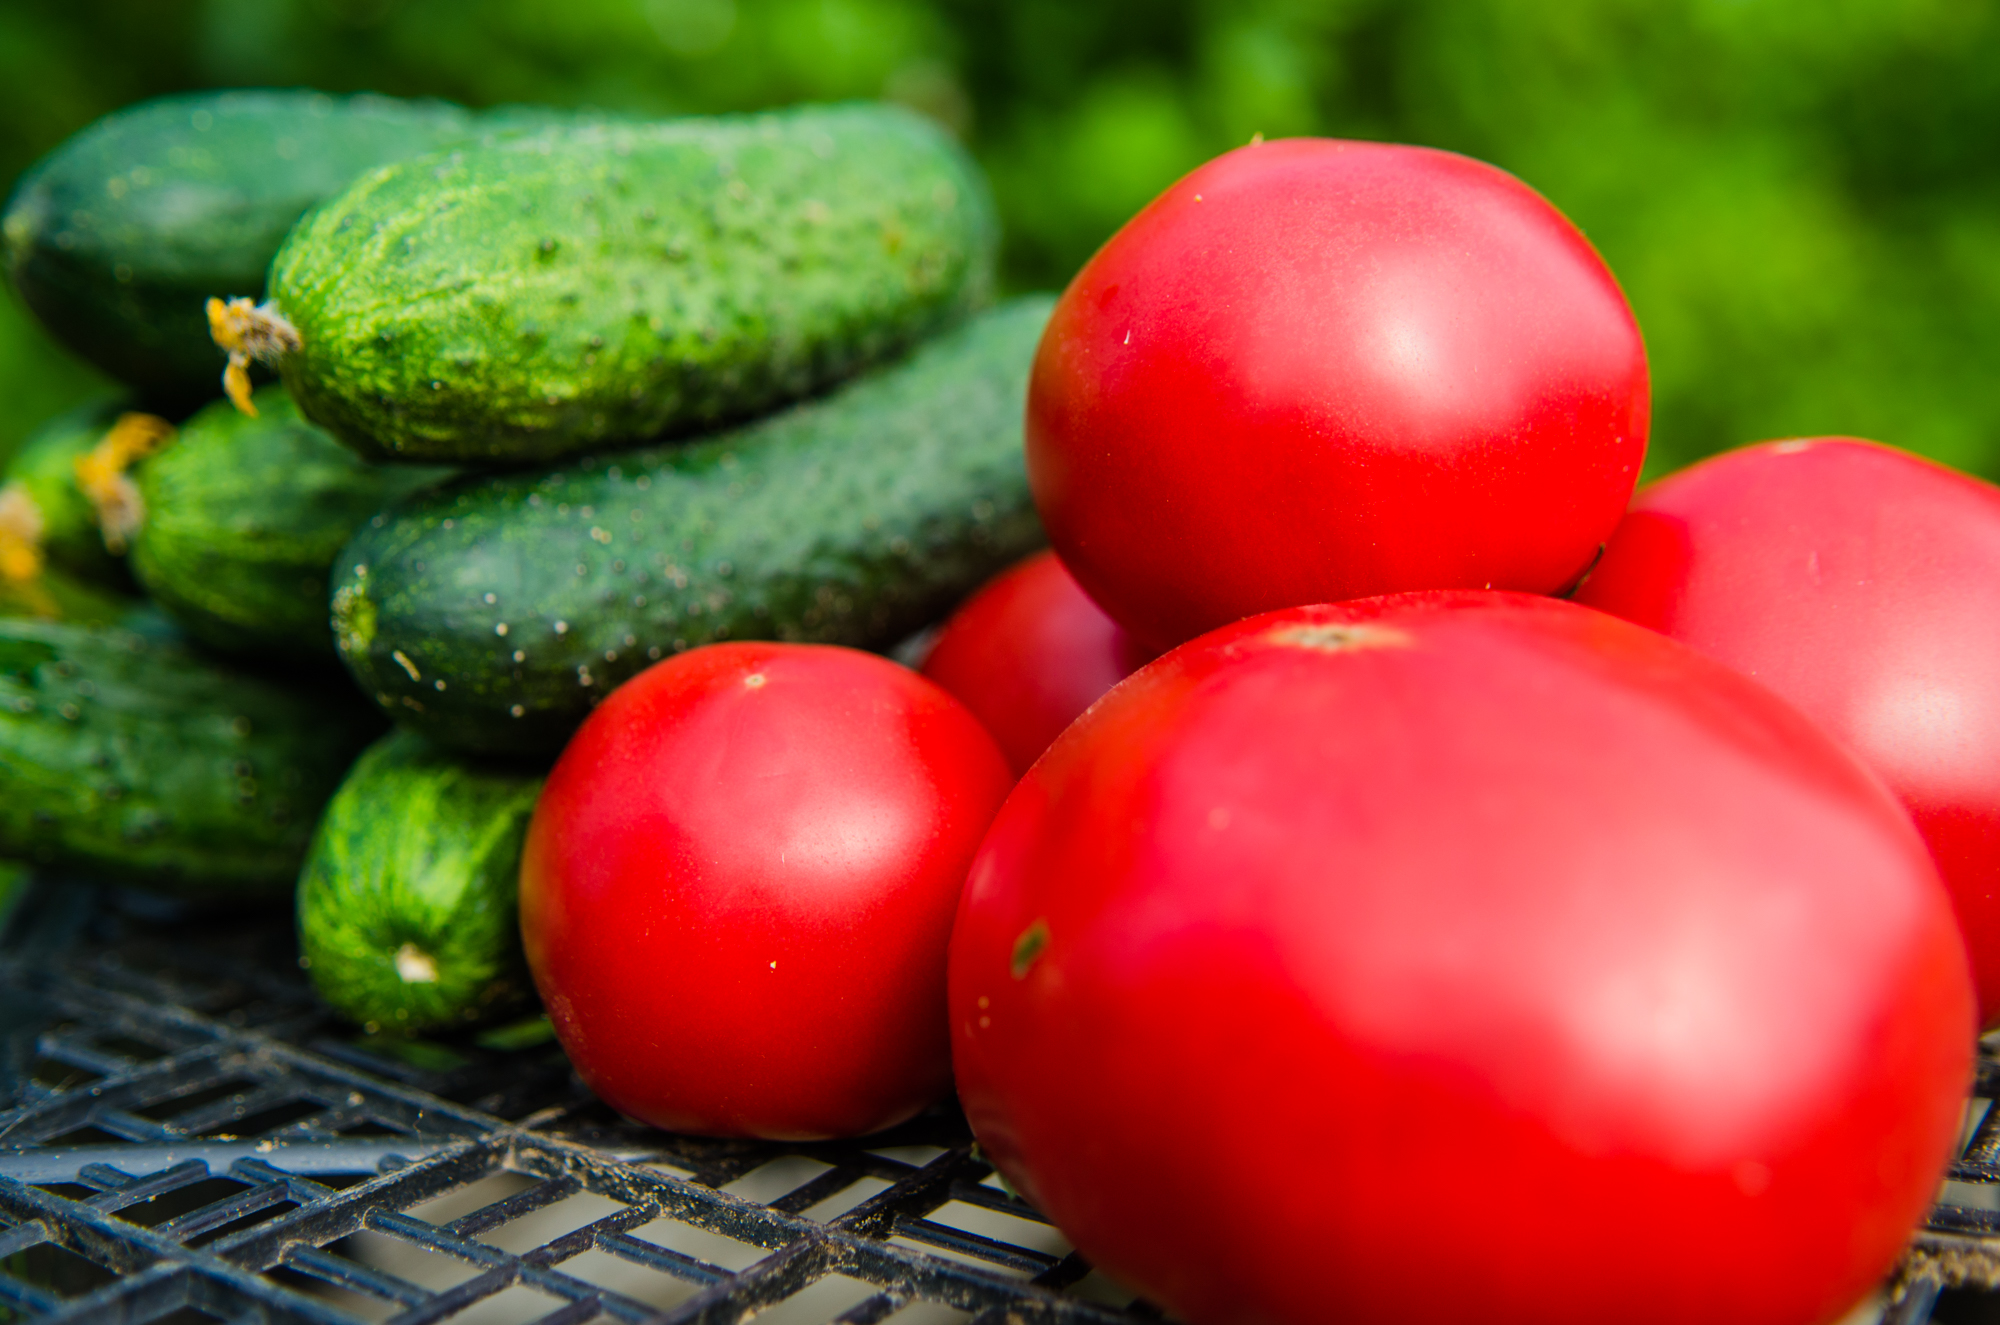 Астраханская томатная паста может отправиться в Японию и Африку